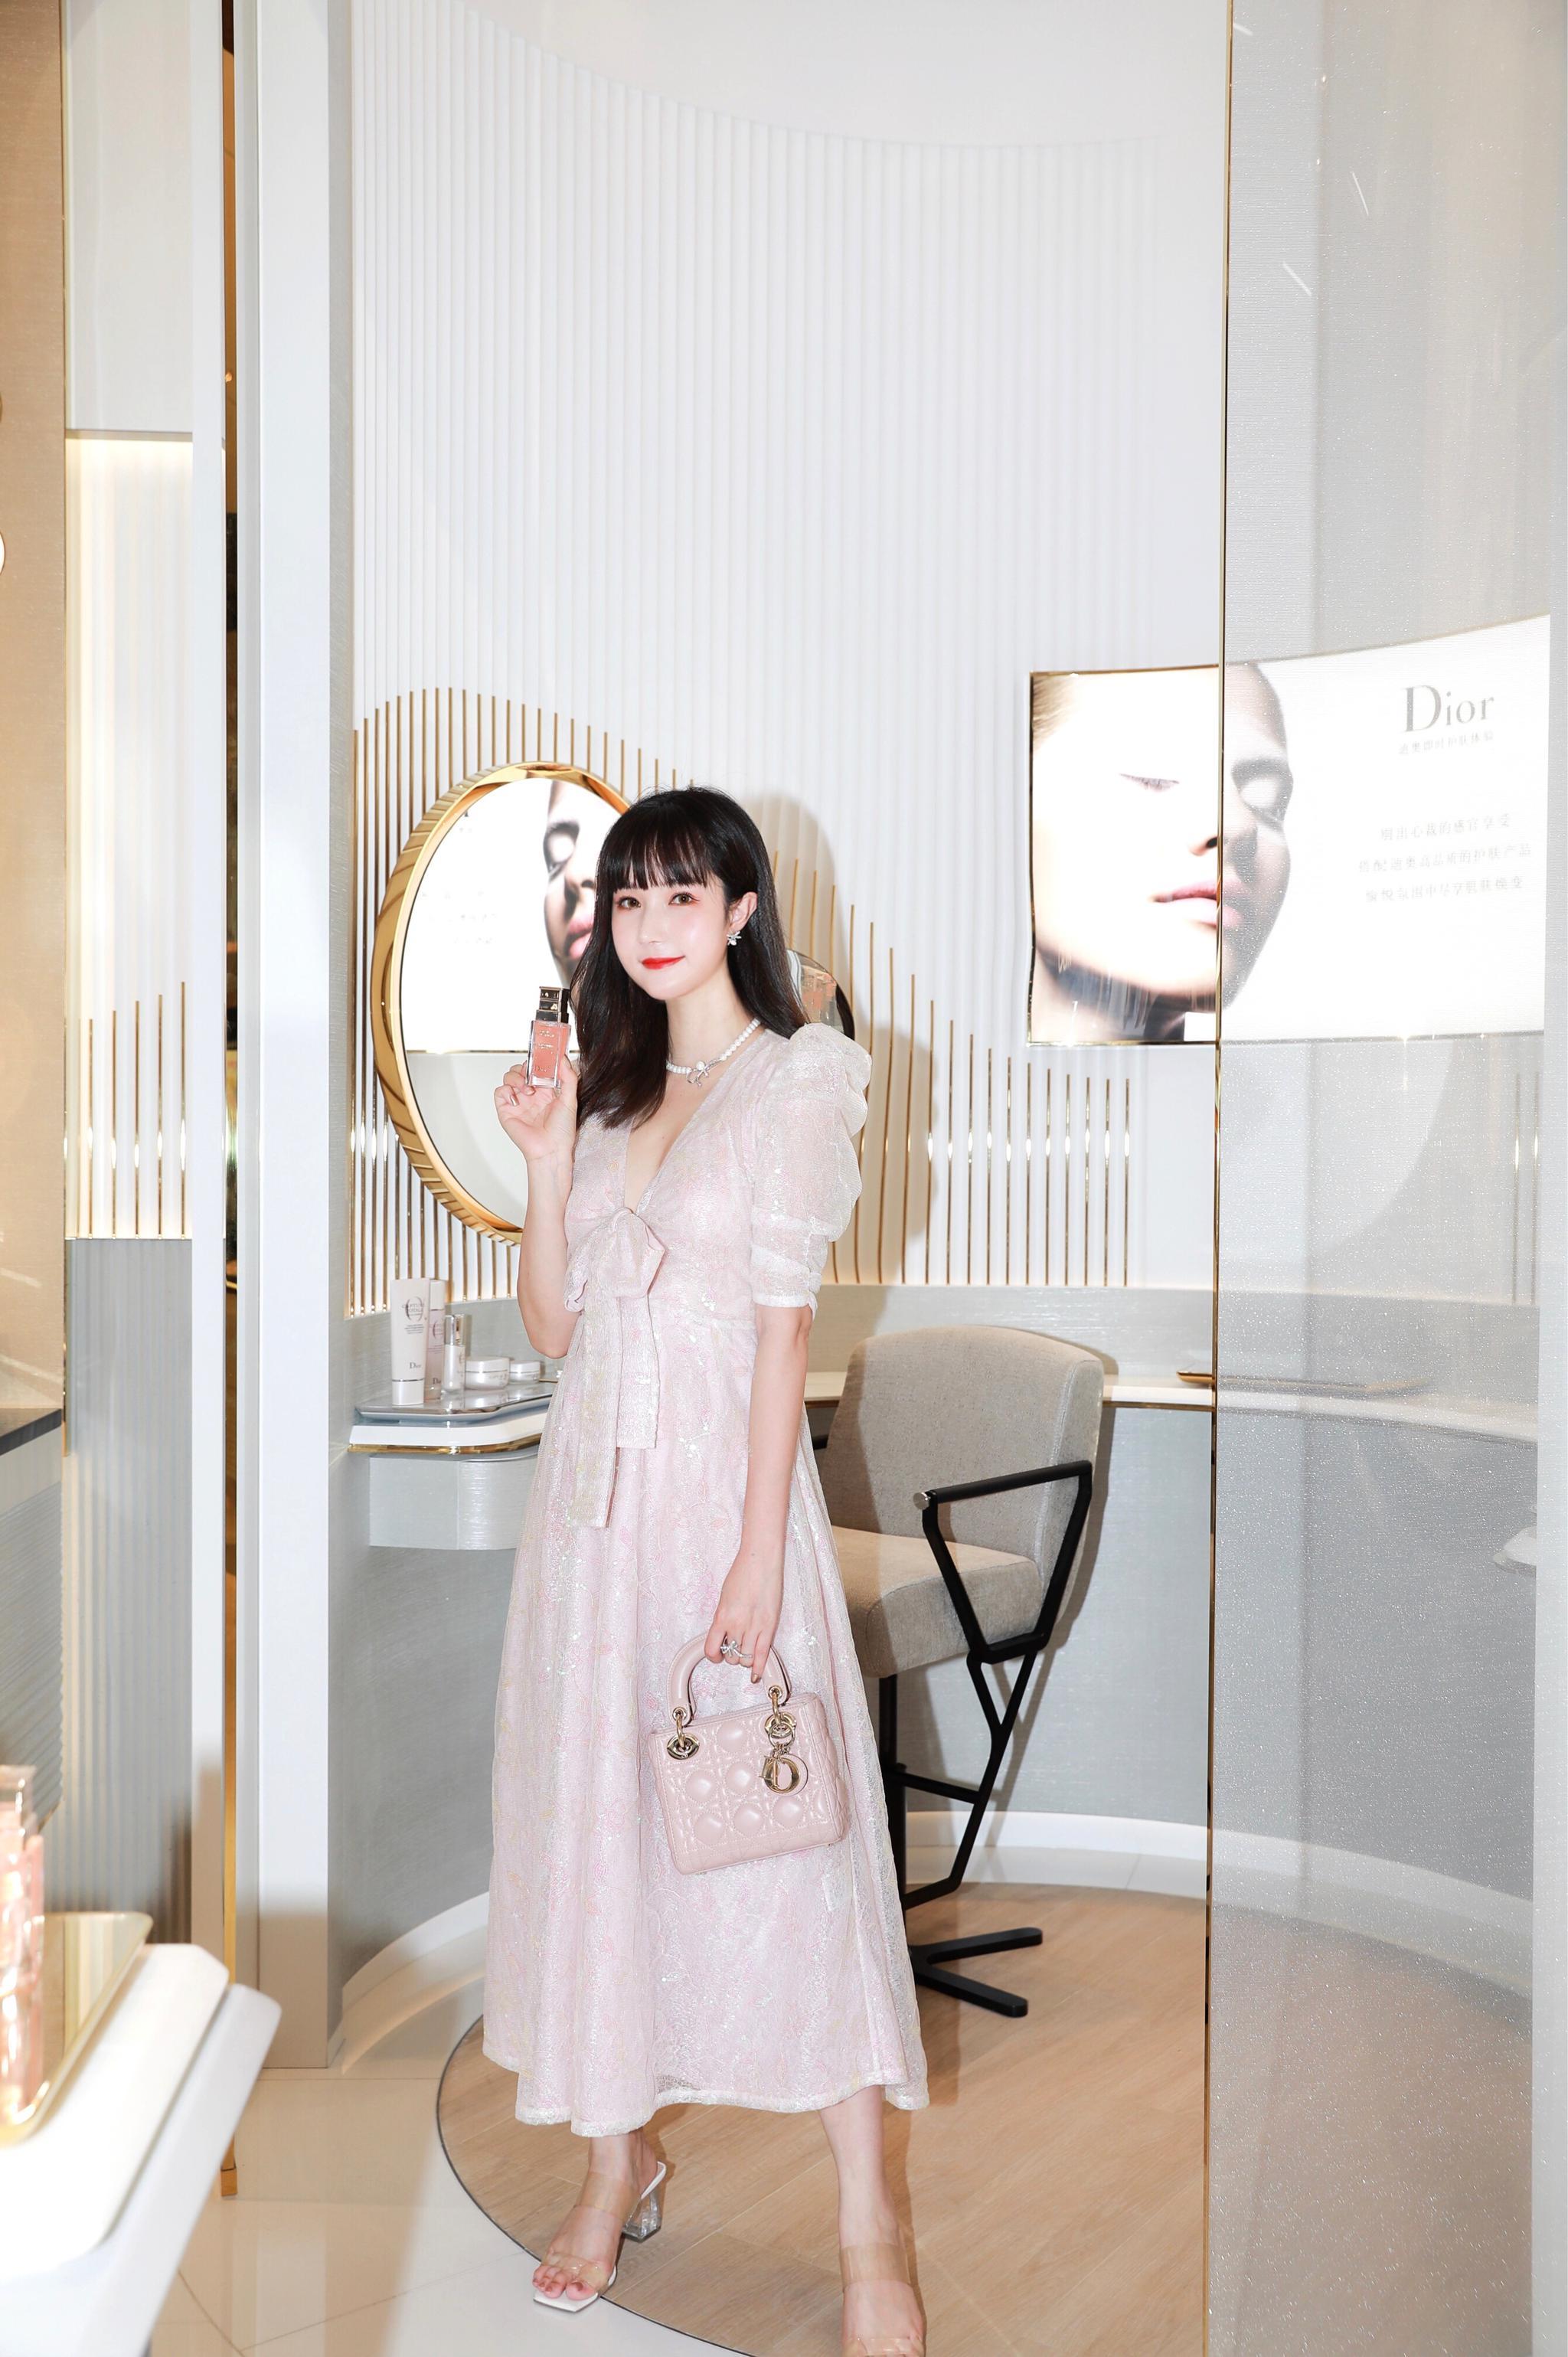 DIOR迪奥杭州大悦城香氛彩妆概念精品店来啦,足足有130㎡